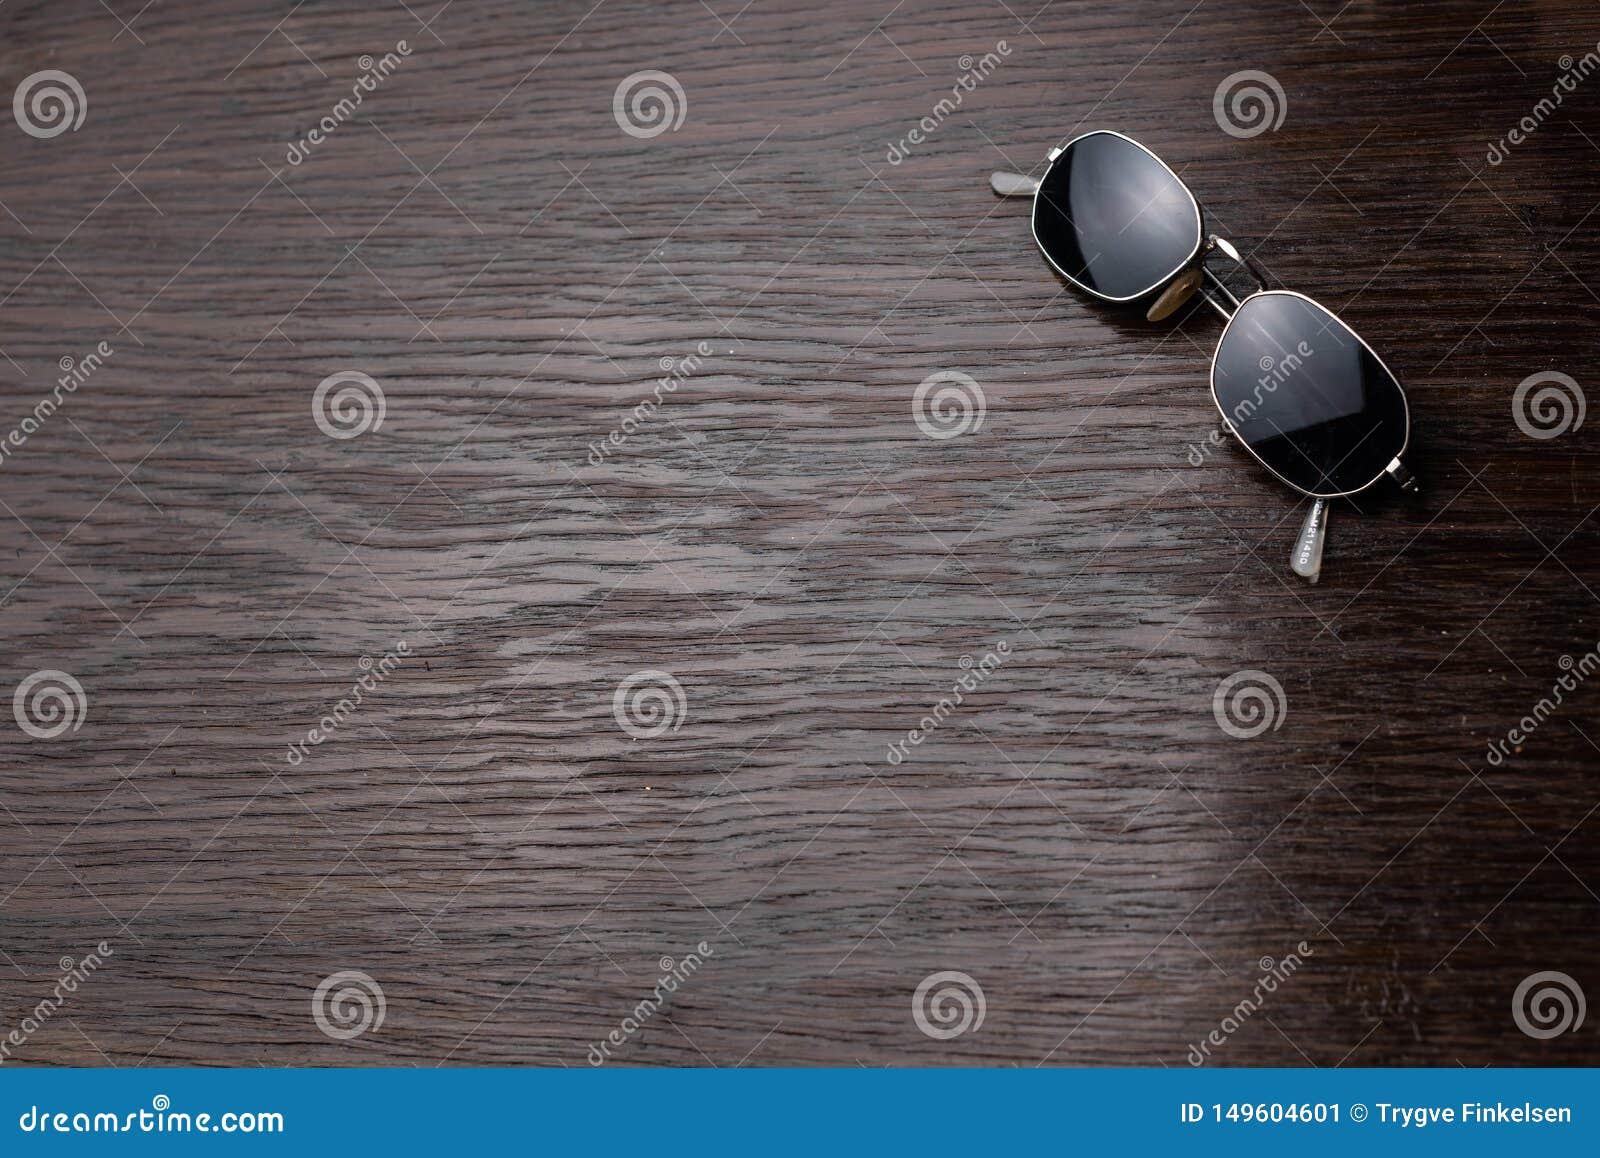 Gafas de sol en una tabla de madera oscura